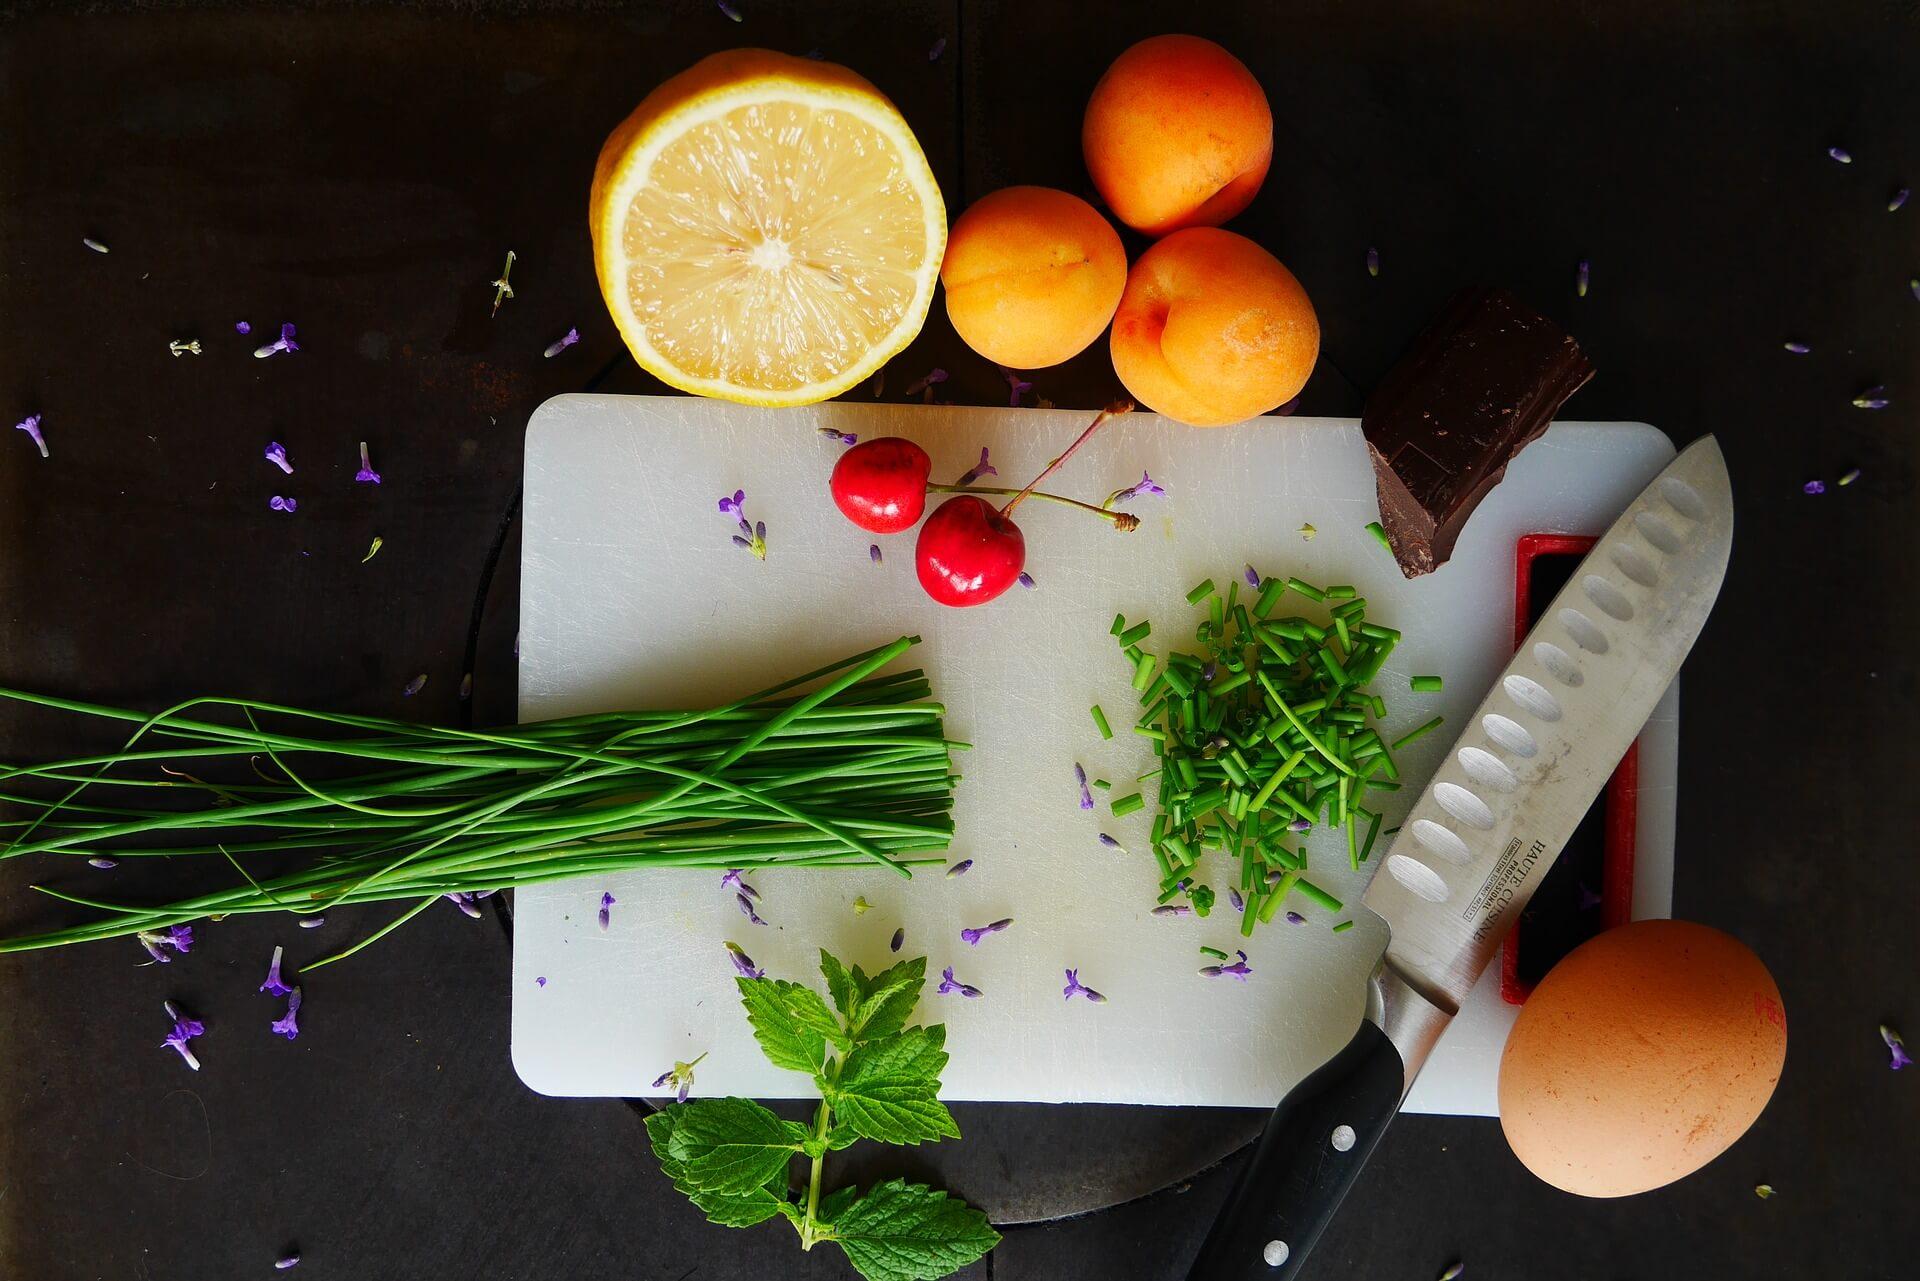 Warzywa-i-owoce-jako-kolorowe-posilki